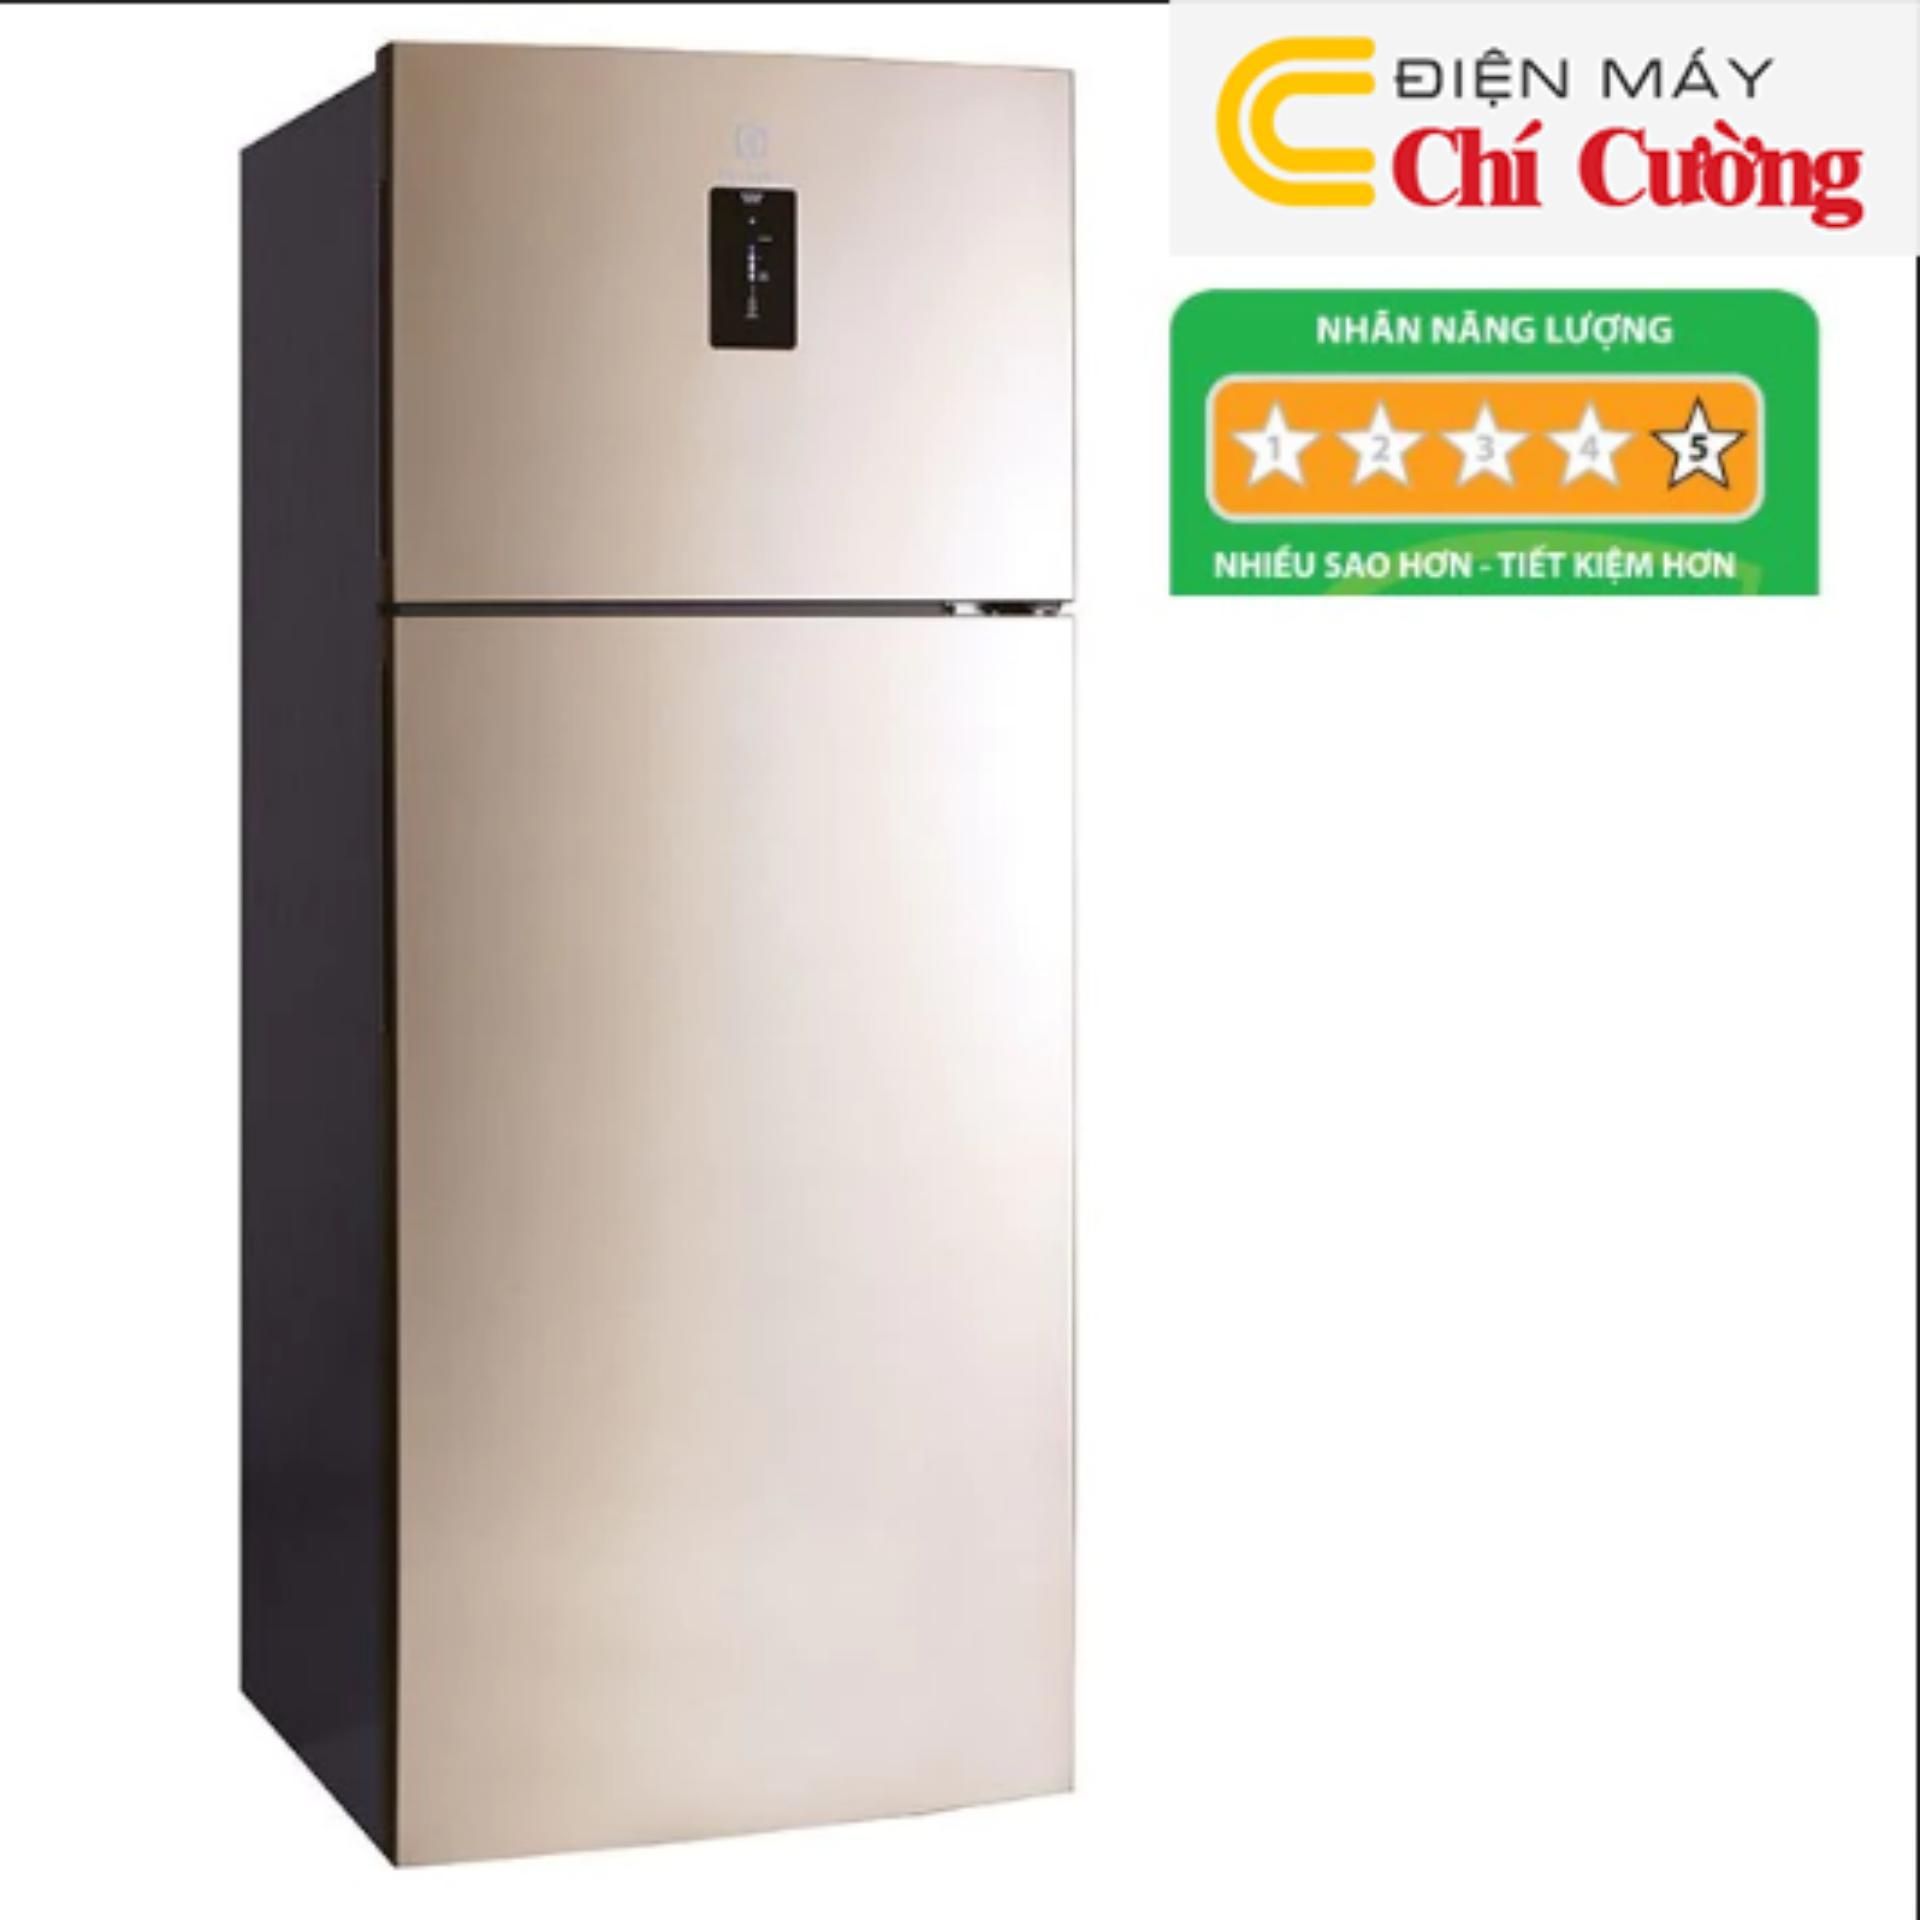 Tủ lạnh Electrolux ETB5702GA 573 LÍT 2 CỬA Inverter (Vàng đồng)